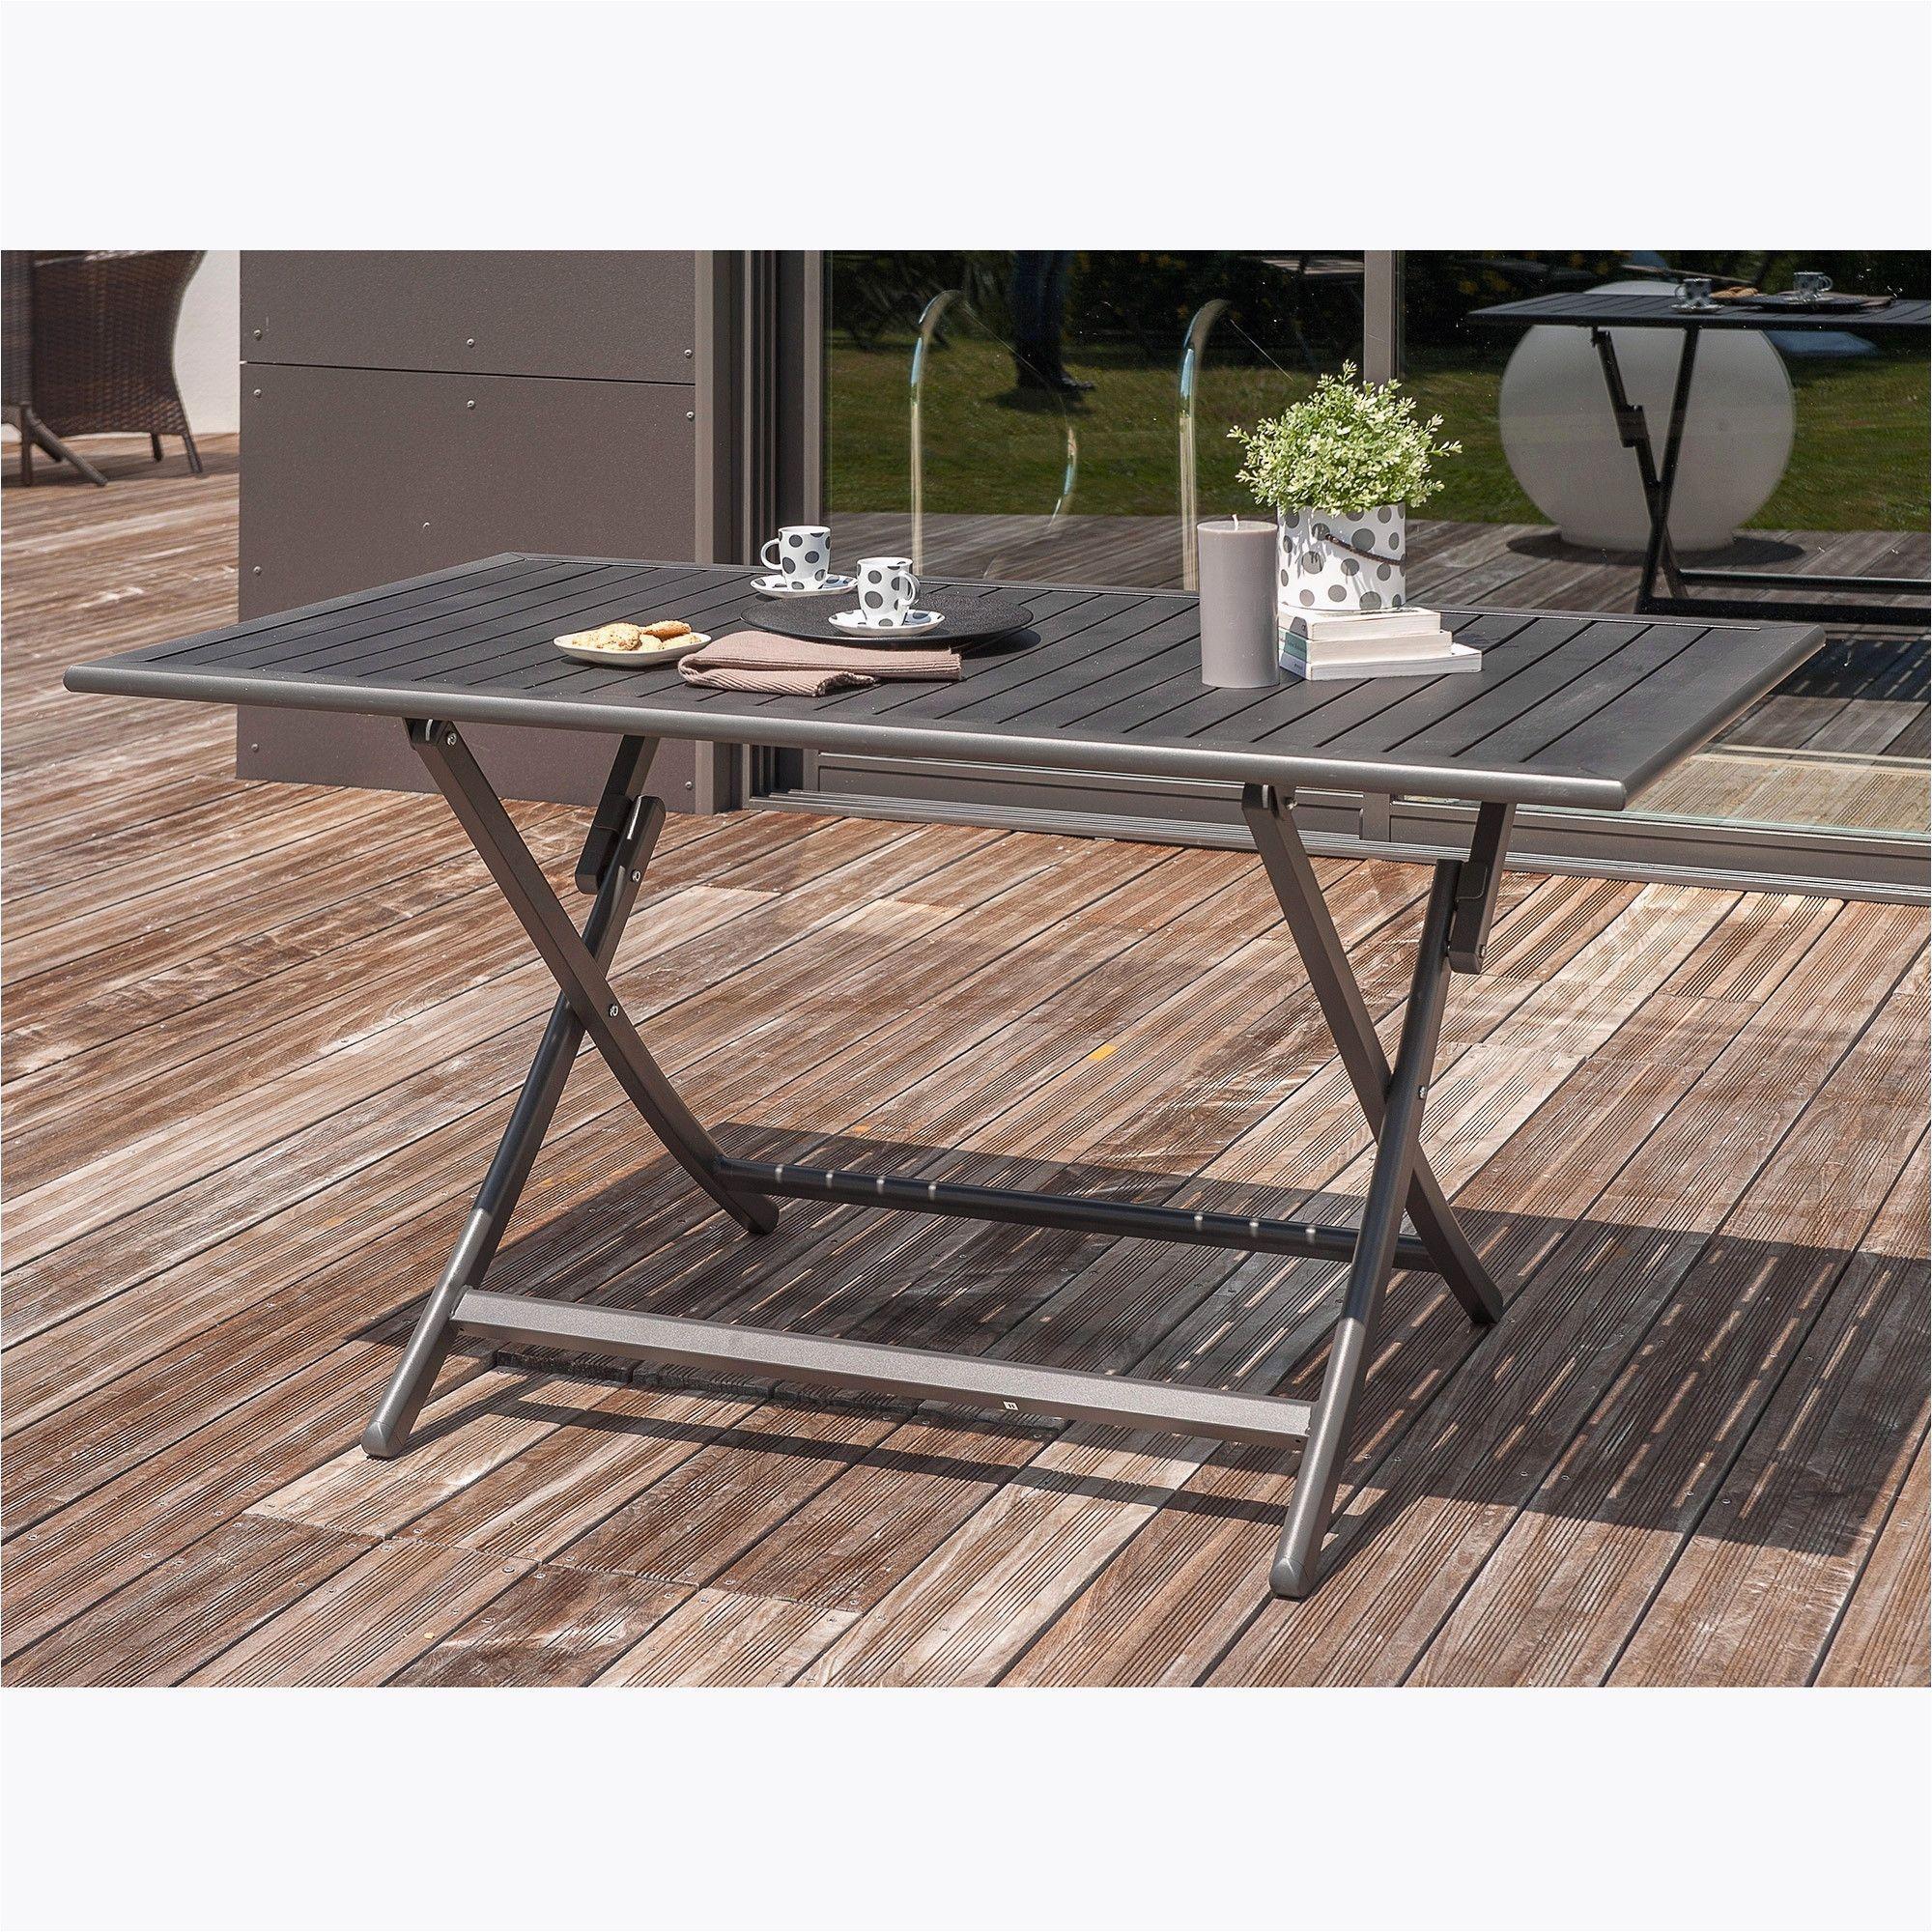 Table Pliante Leclerc Beau s Leclerc Table De Jardin ...